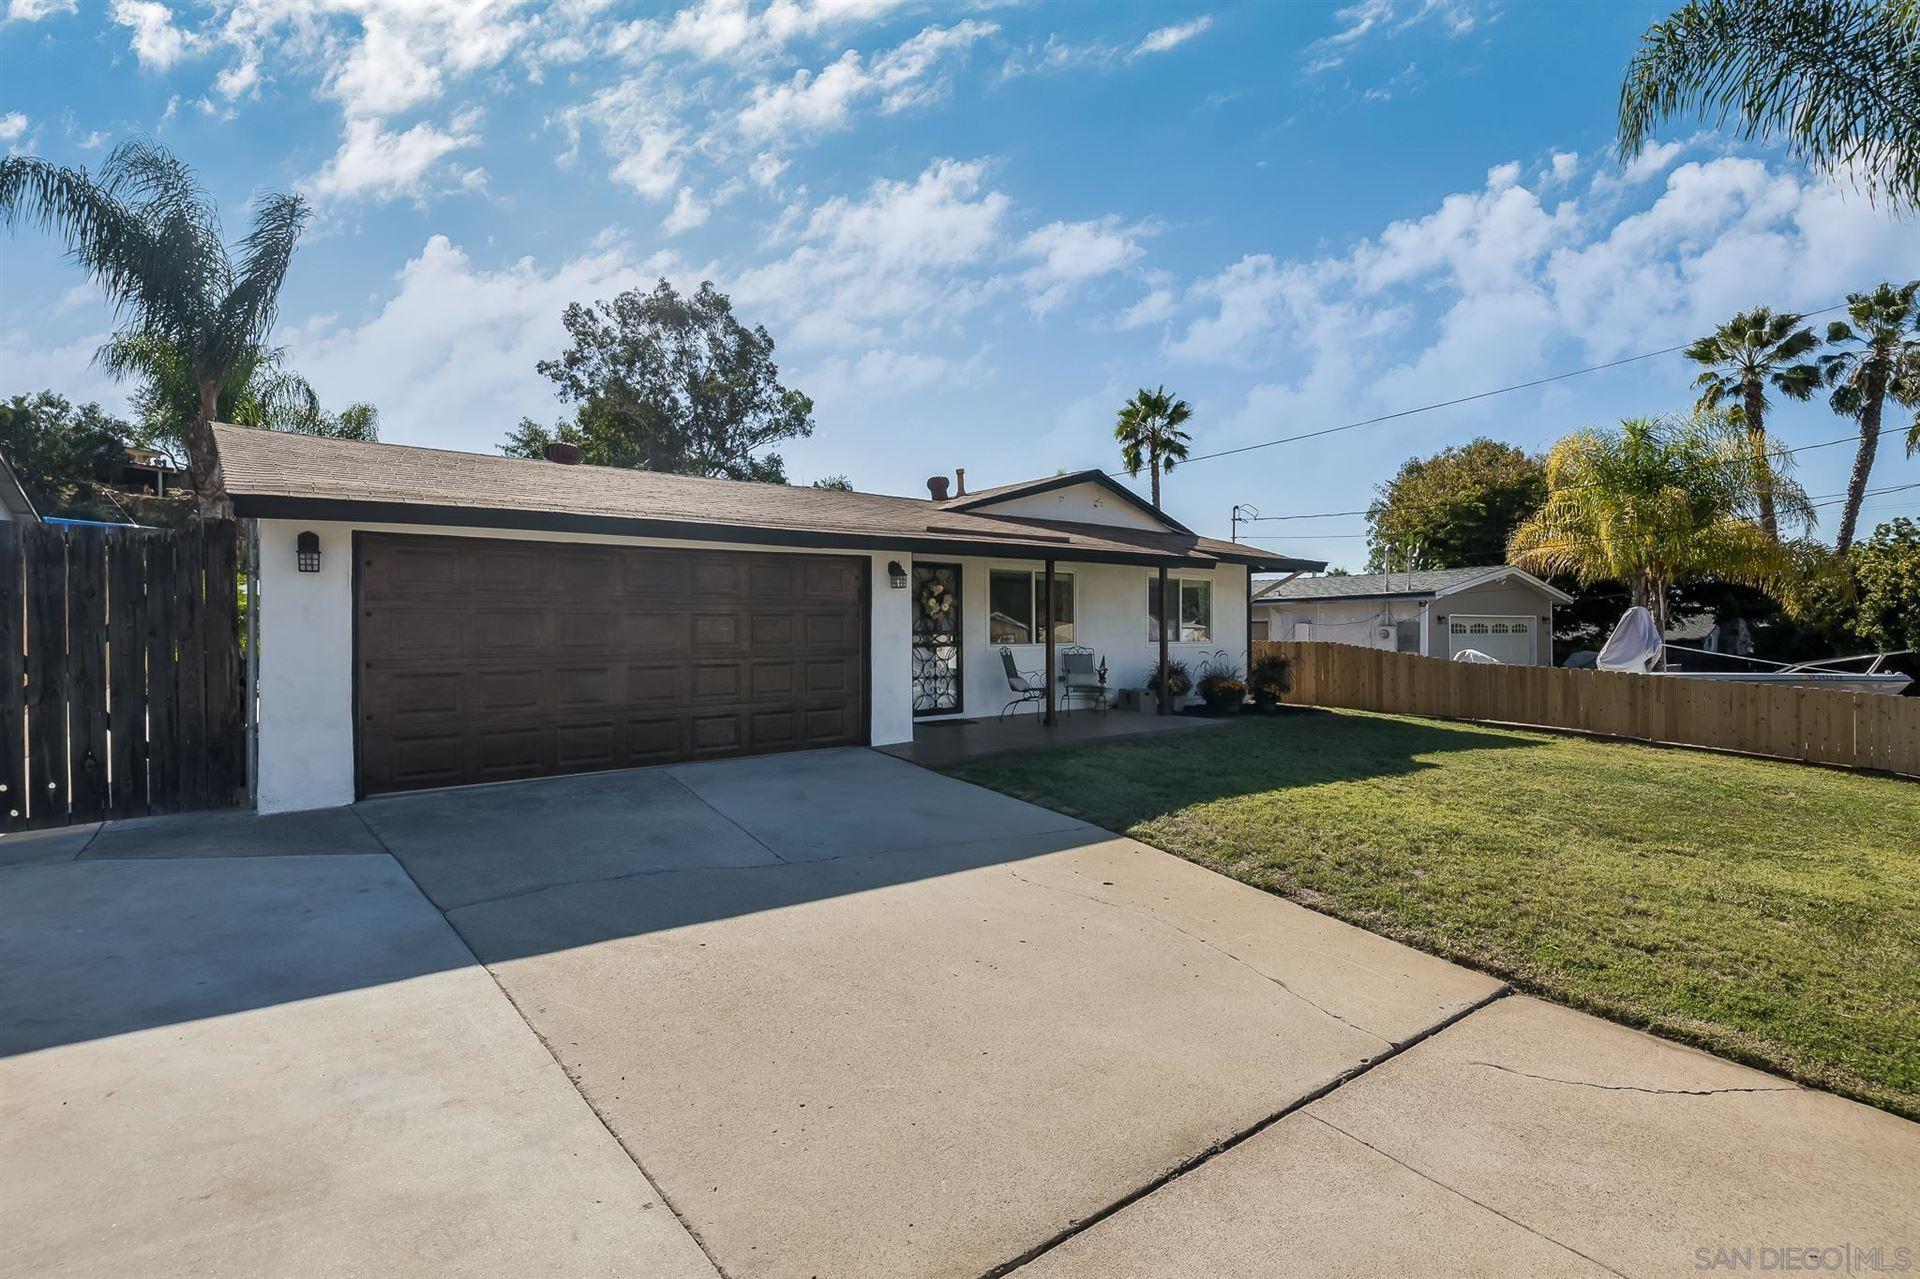 Photo of 9126 Heatherdale St, Santee, CA 92071 (MLS # 210029542)